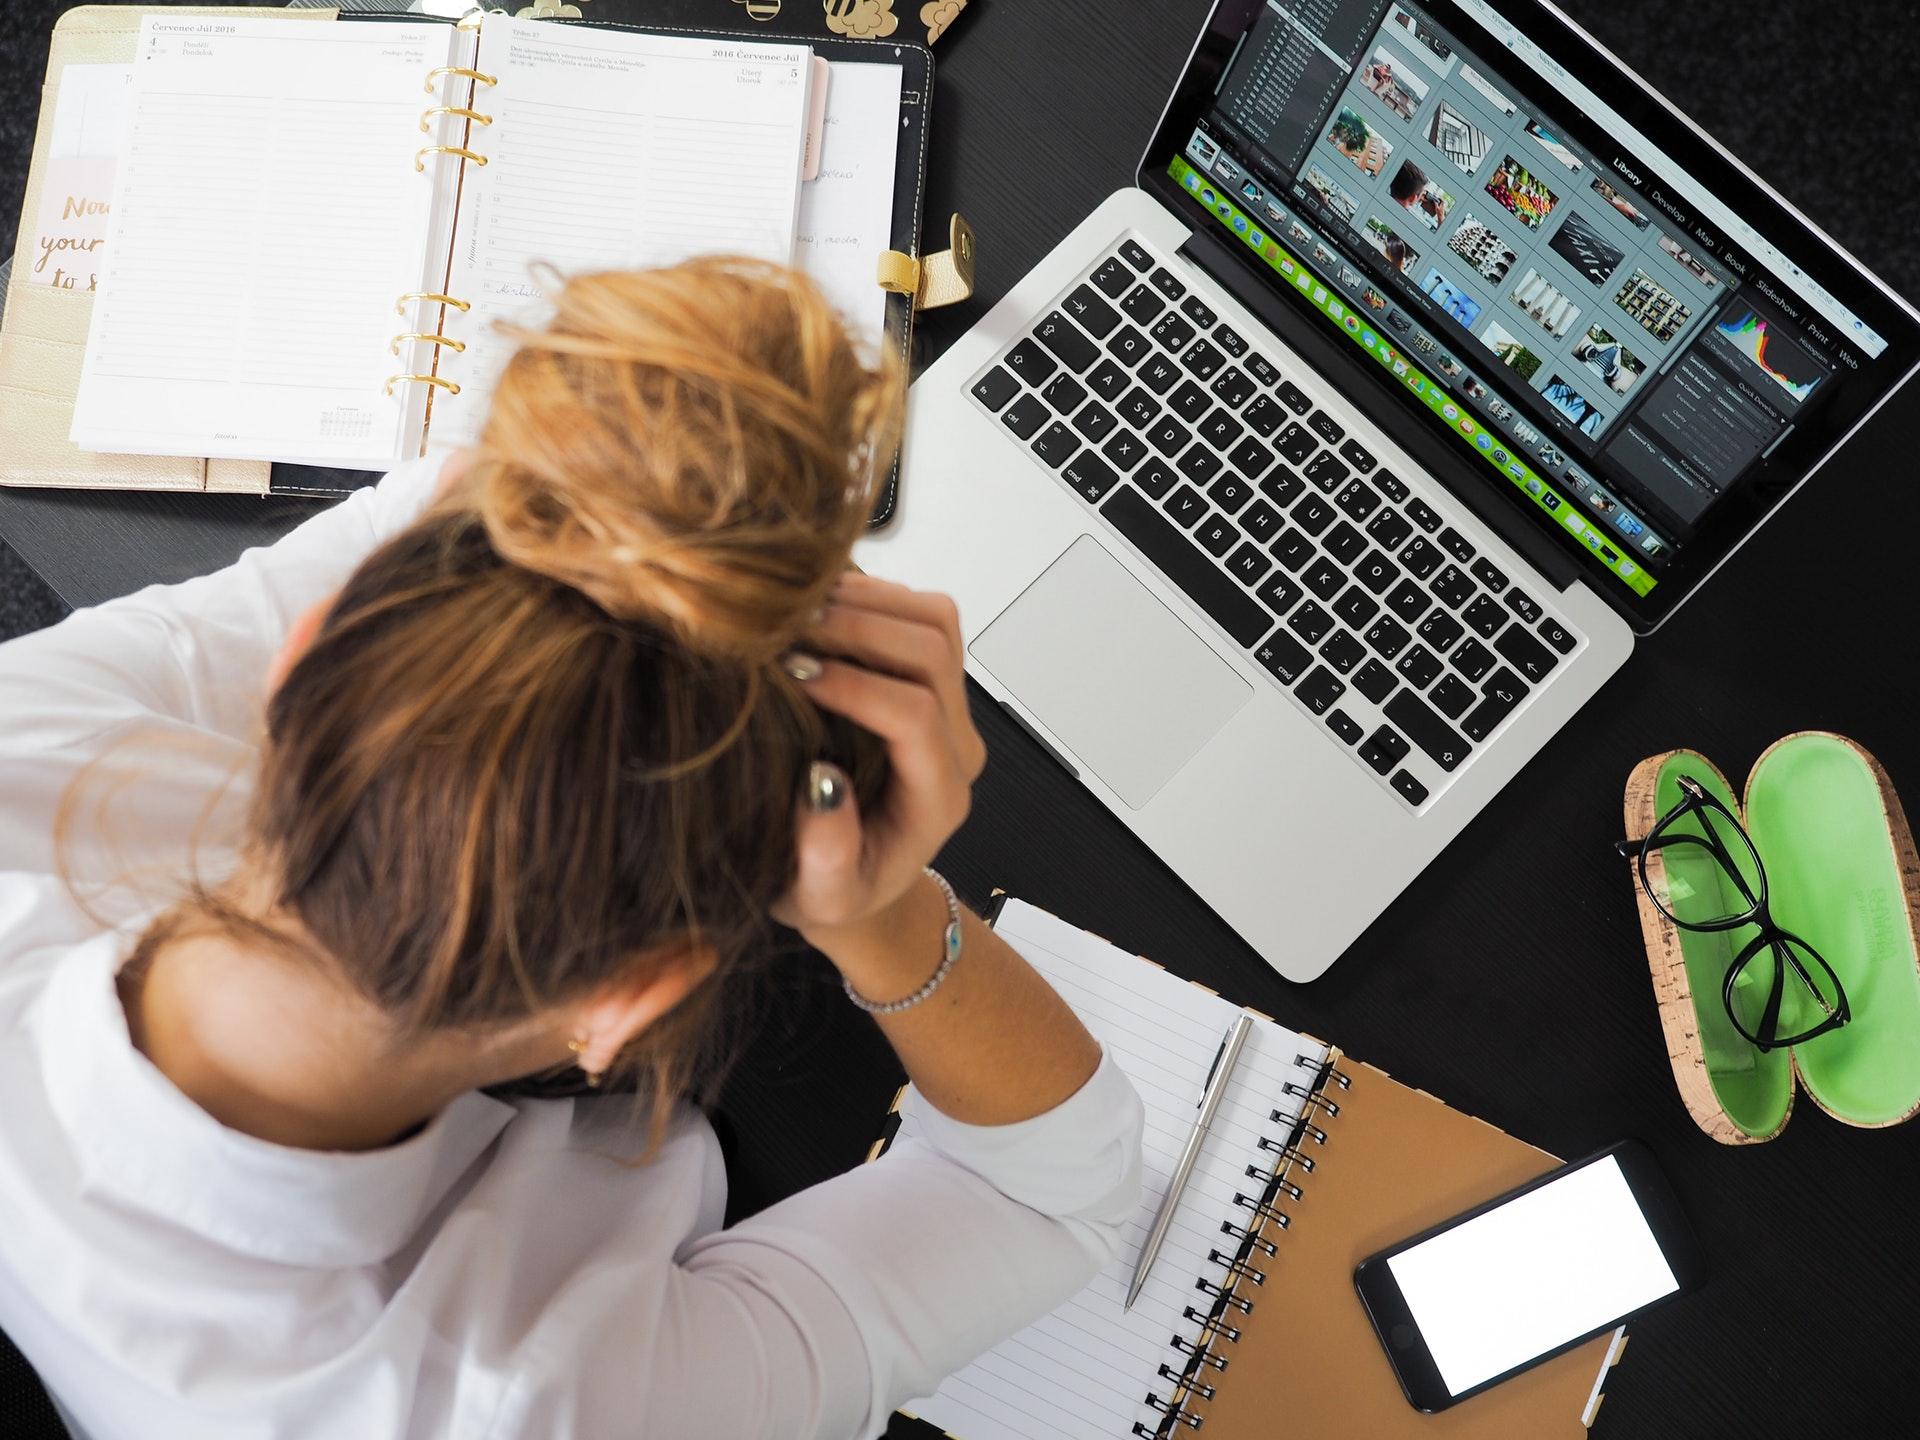 præstationskultur, stress, arbejde, resultater, computer, bærbar, mac, skrivebord, kvinde, tager sig til hovedet, opgaver, lektier, arbejde